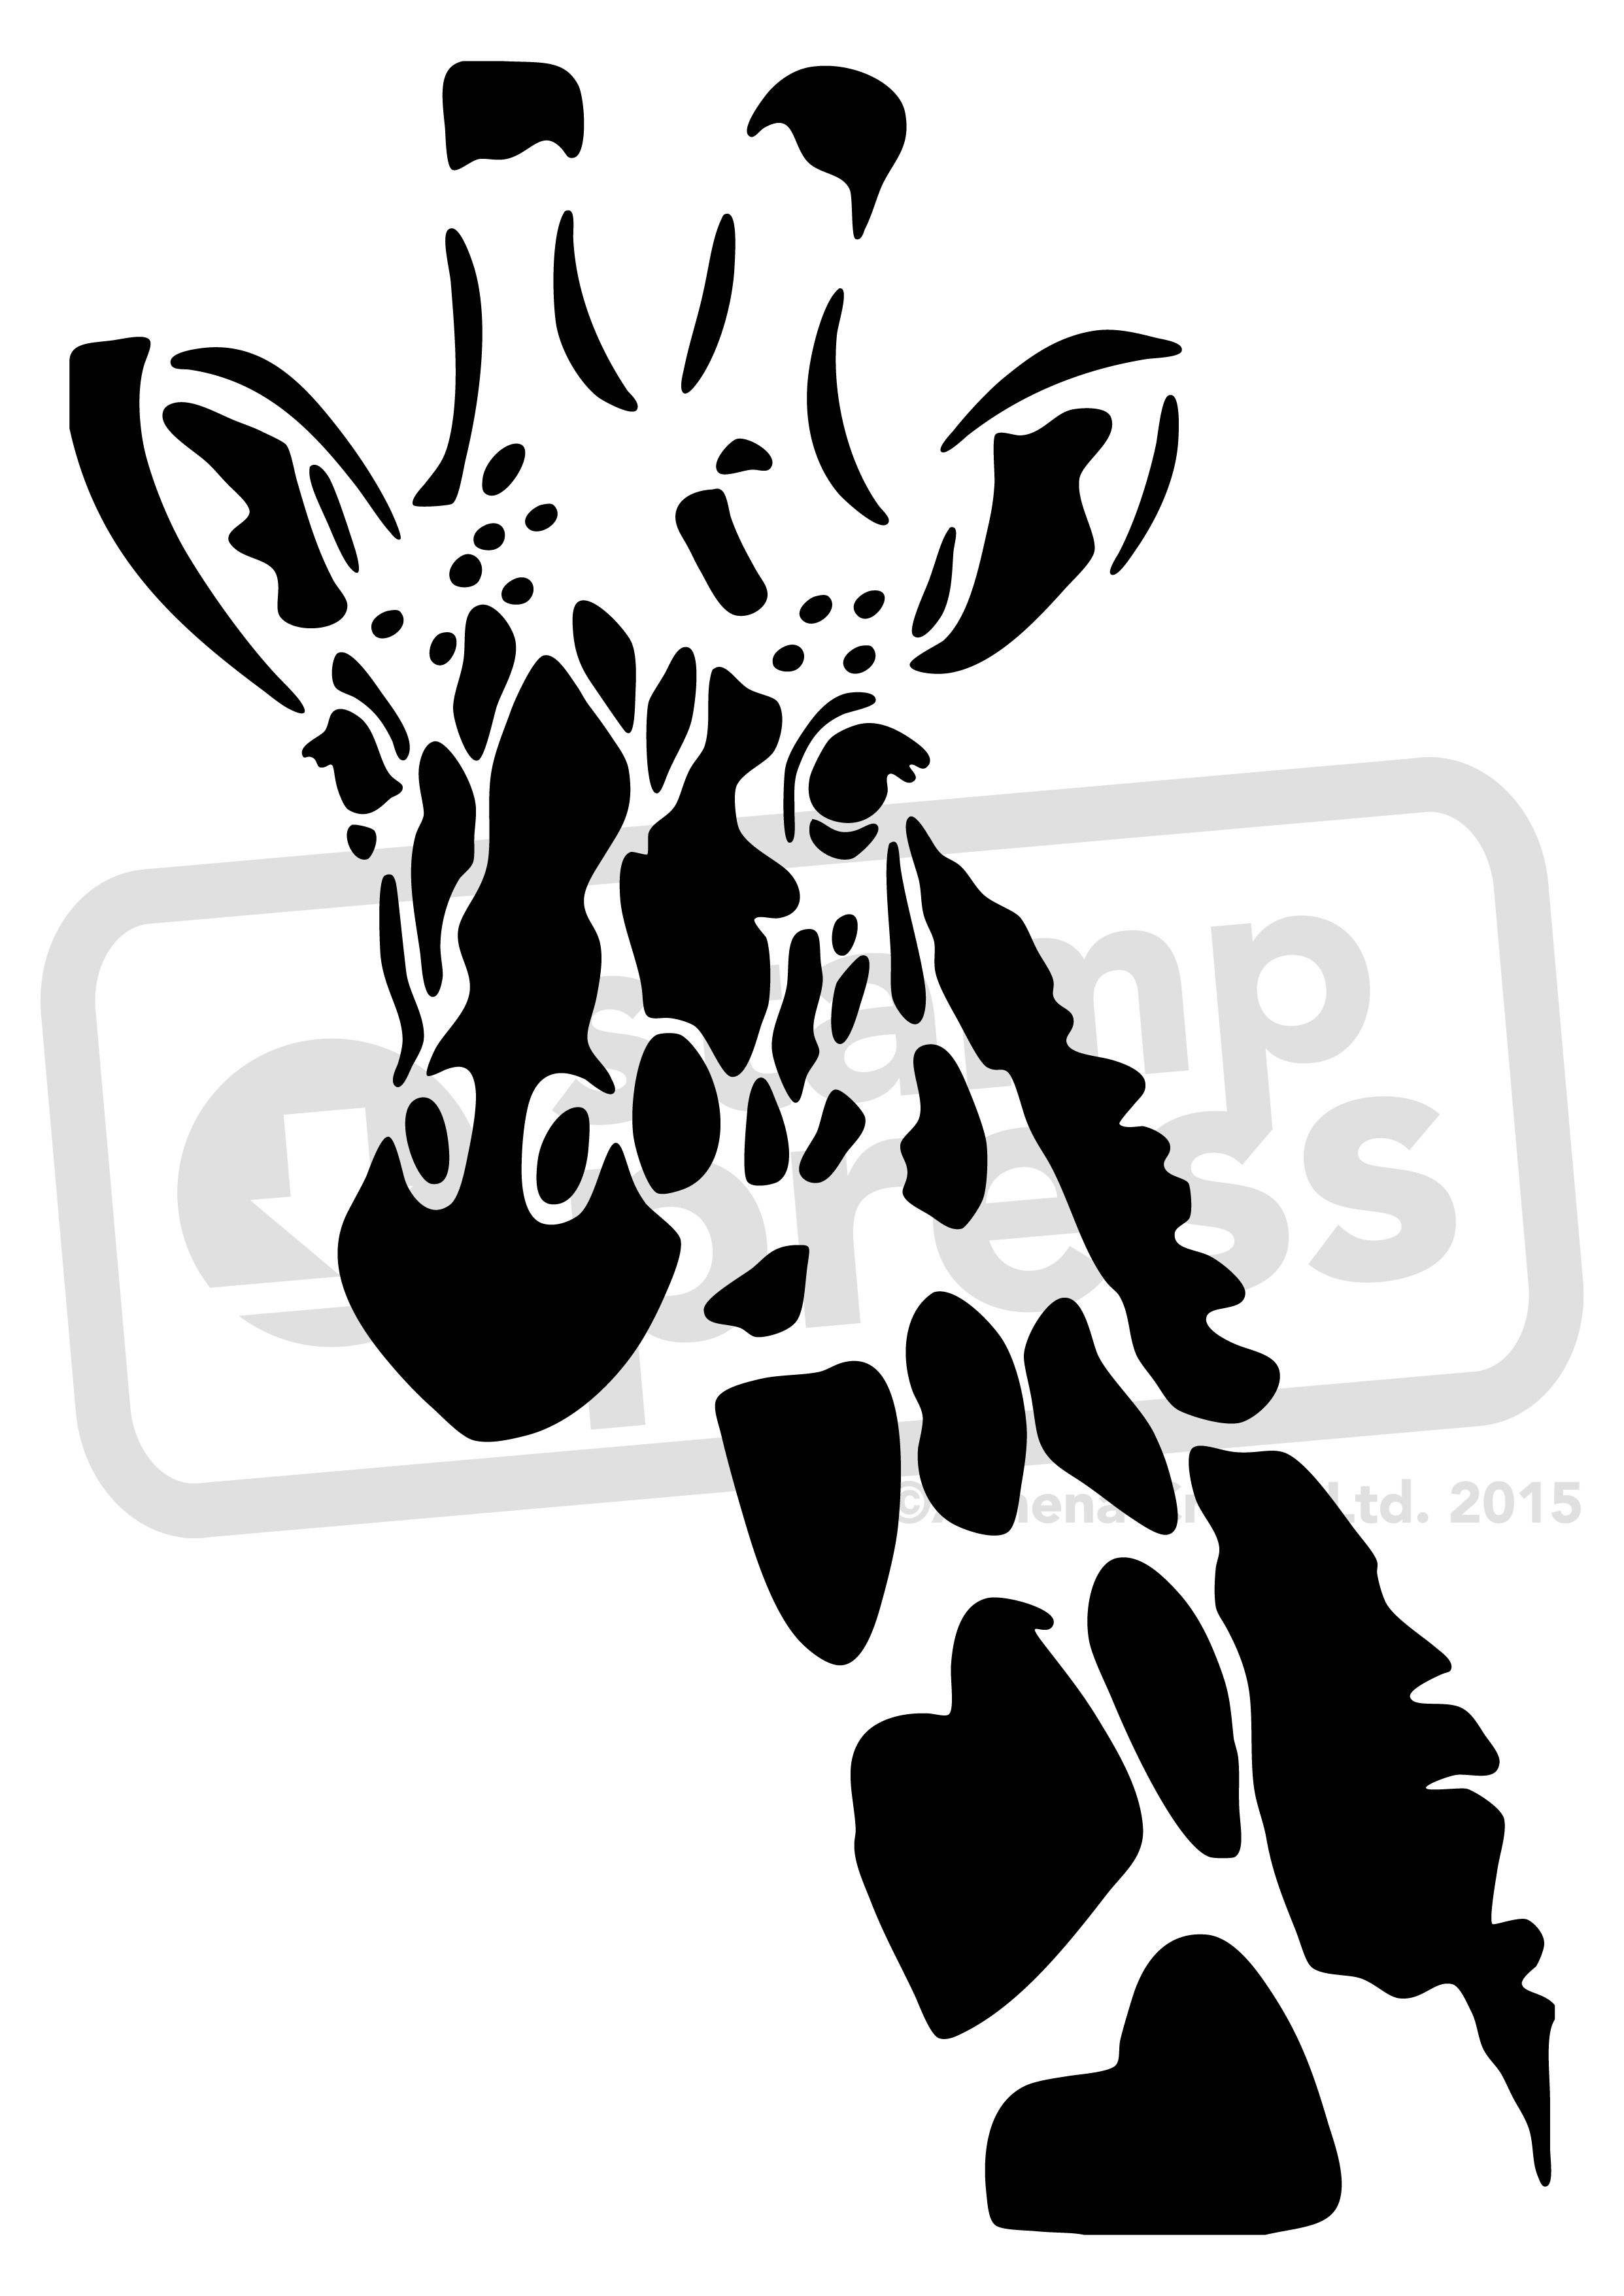 grandi affari sulla moda guarda bene le scarpe in vendita costo moderato Giraffe Stencil A5 'giraffe' wall stencil / template ...